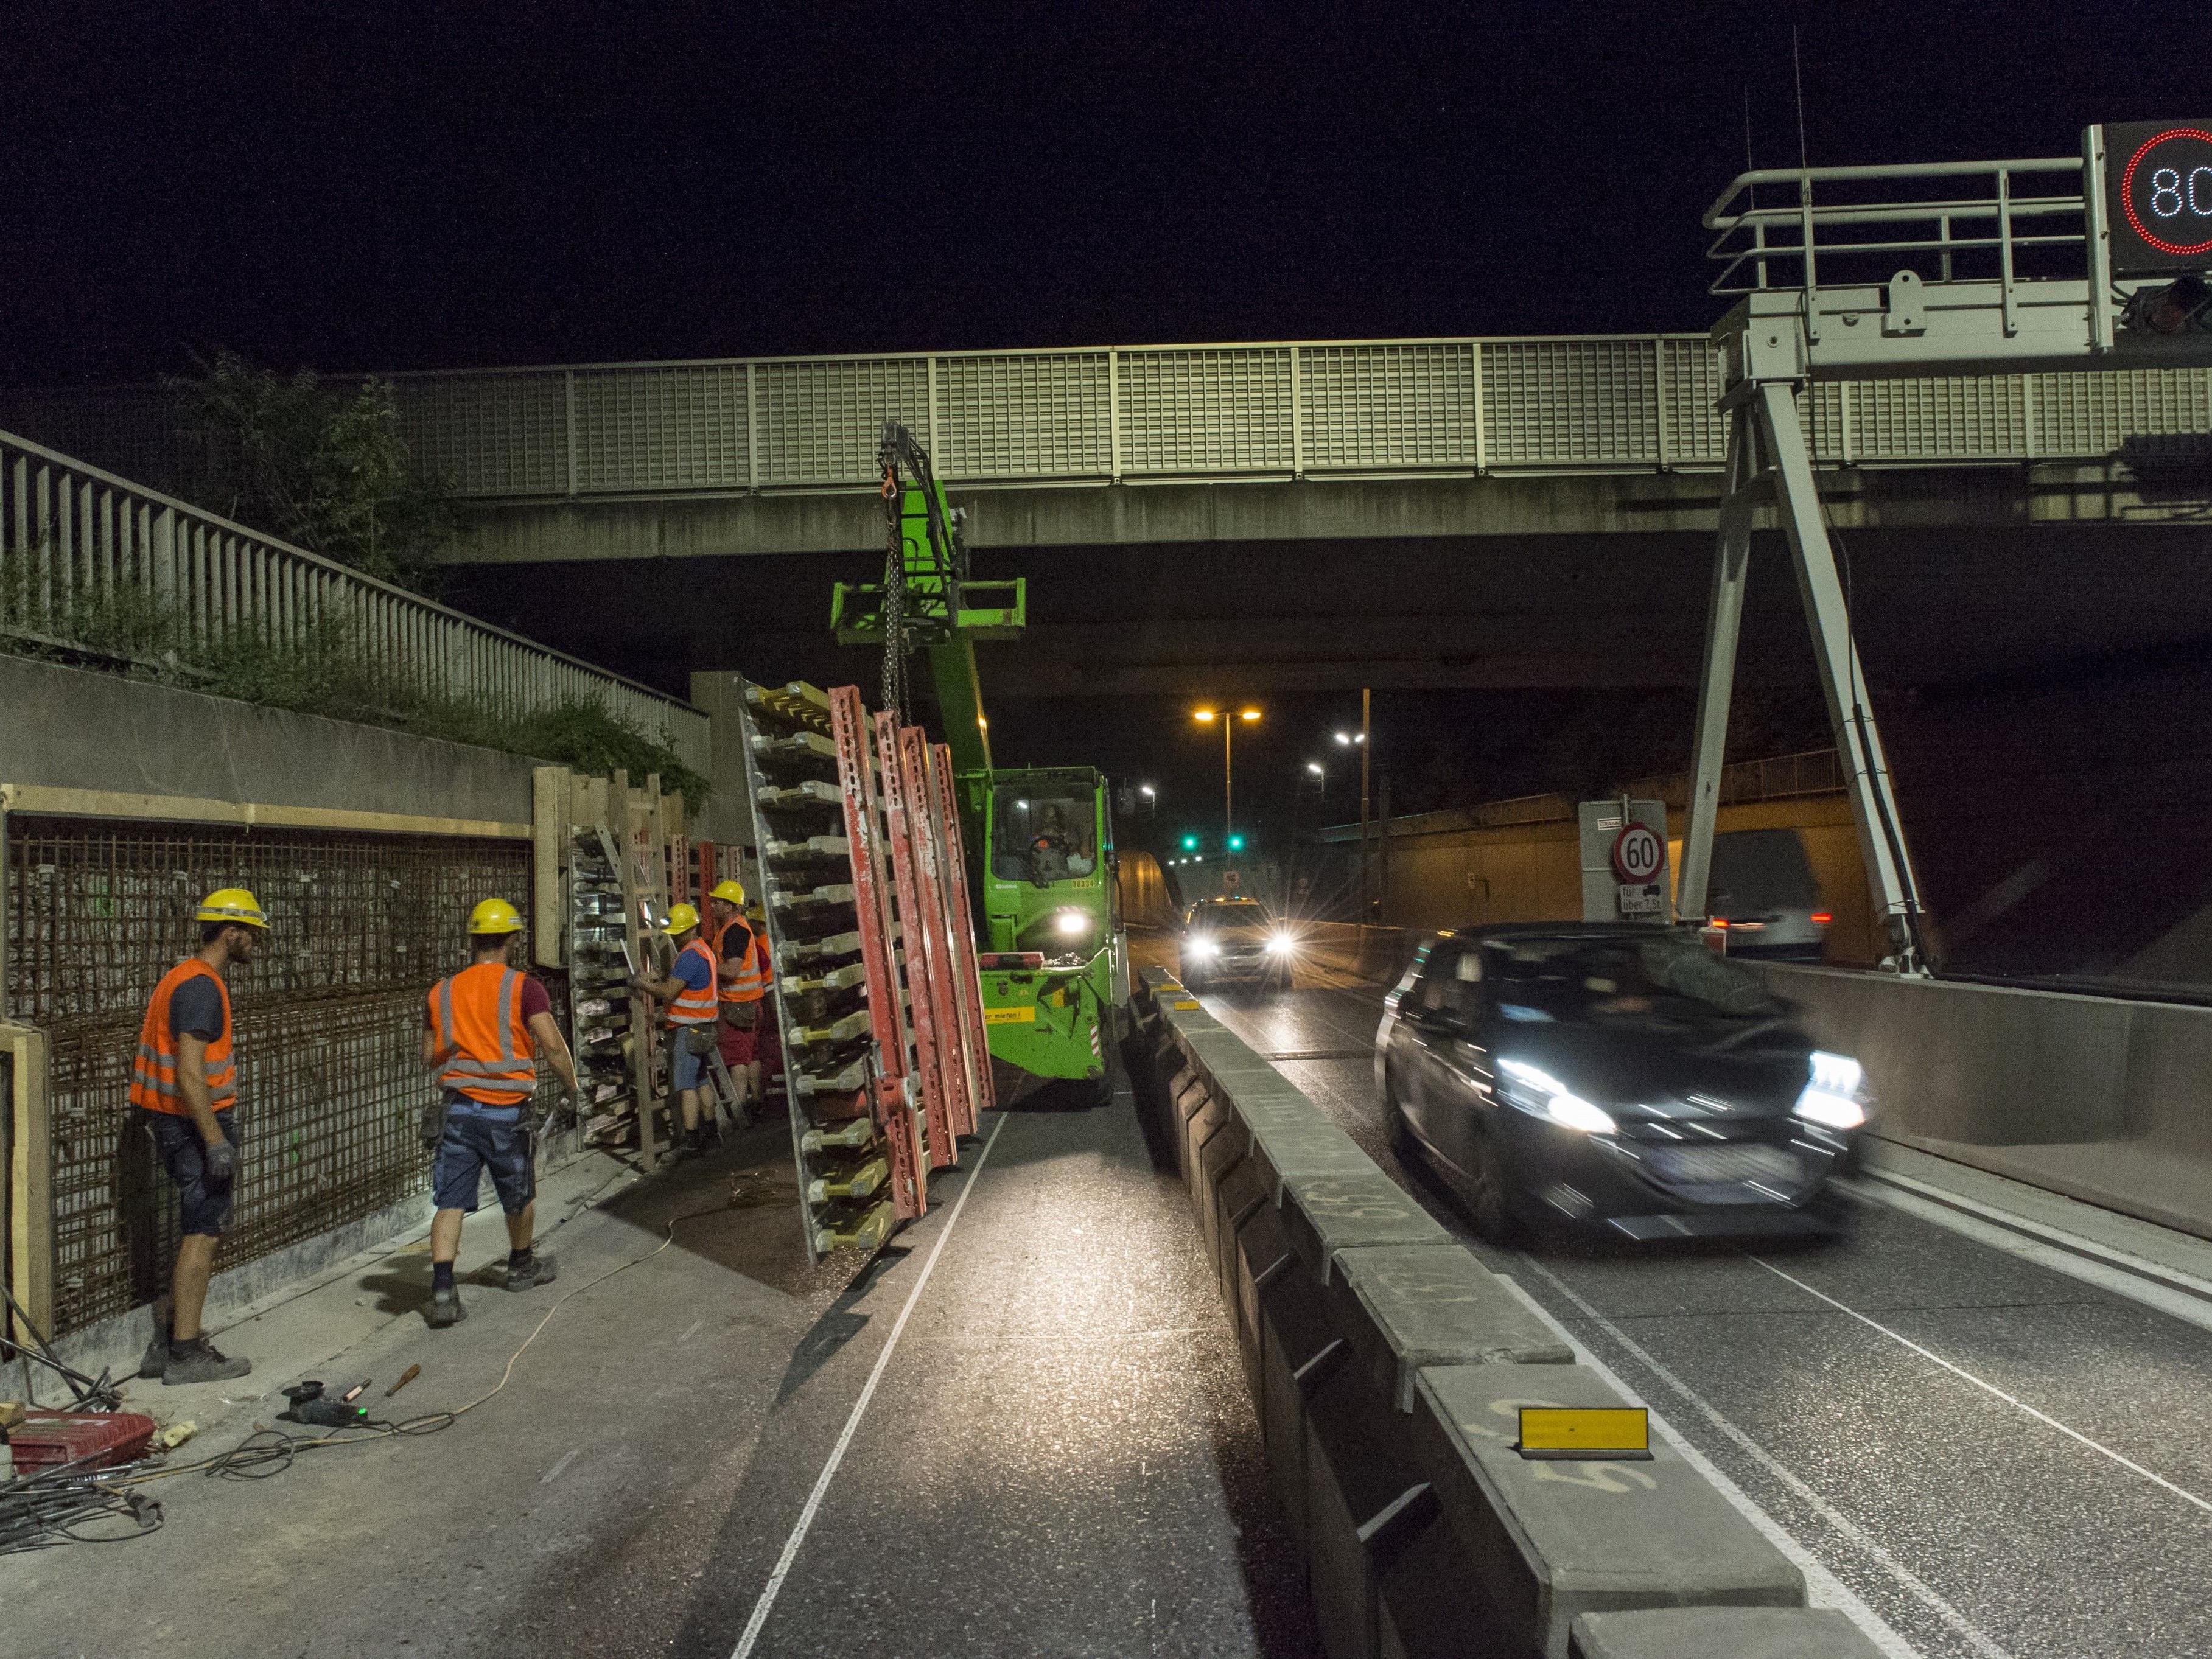 Ab 10. Juli gibt es neue Baustellen auf der Wiener Südosttangente (A23).